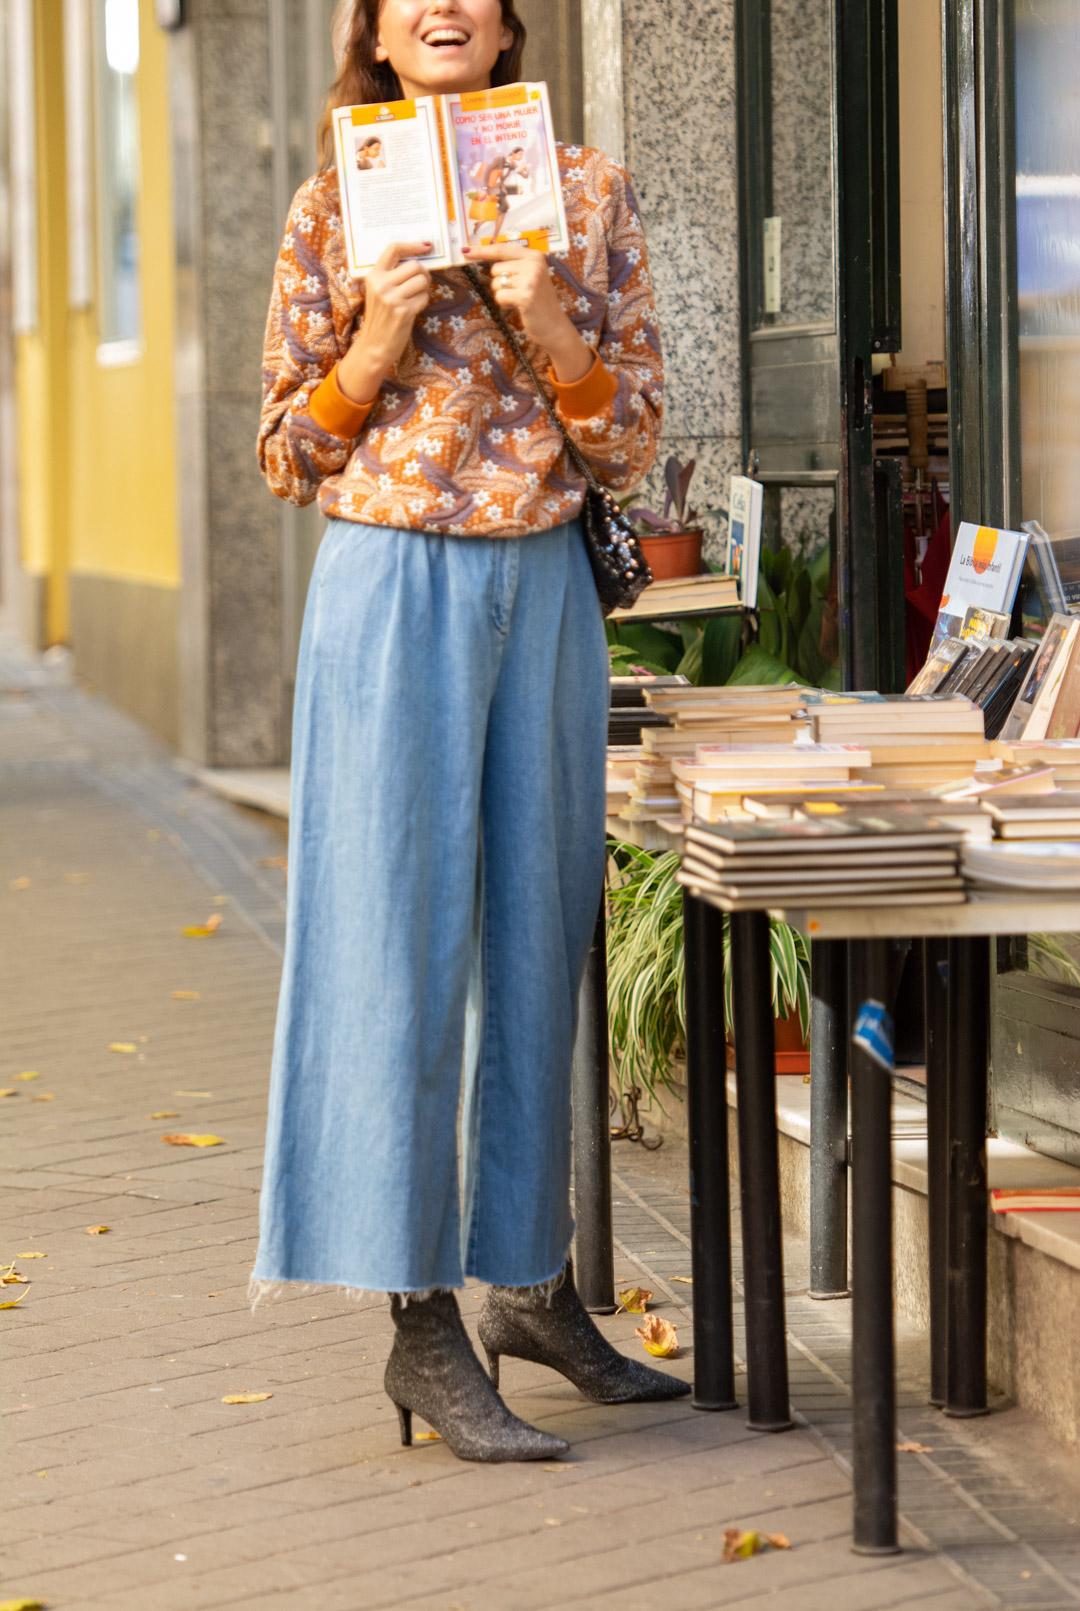 la-libreria-street-style-mayte-de-la-igleisa-06